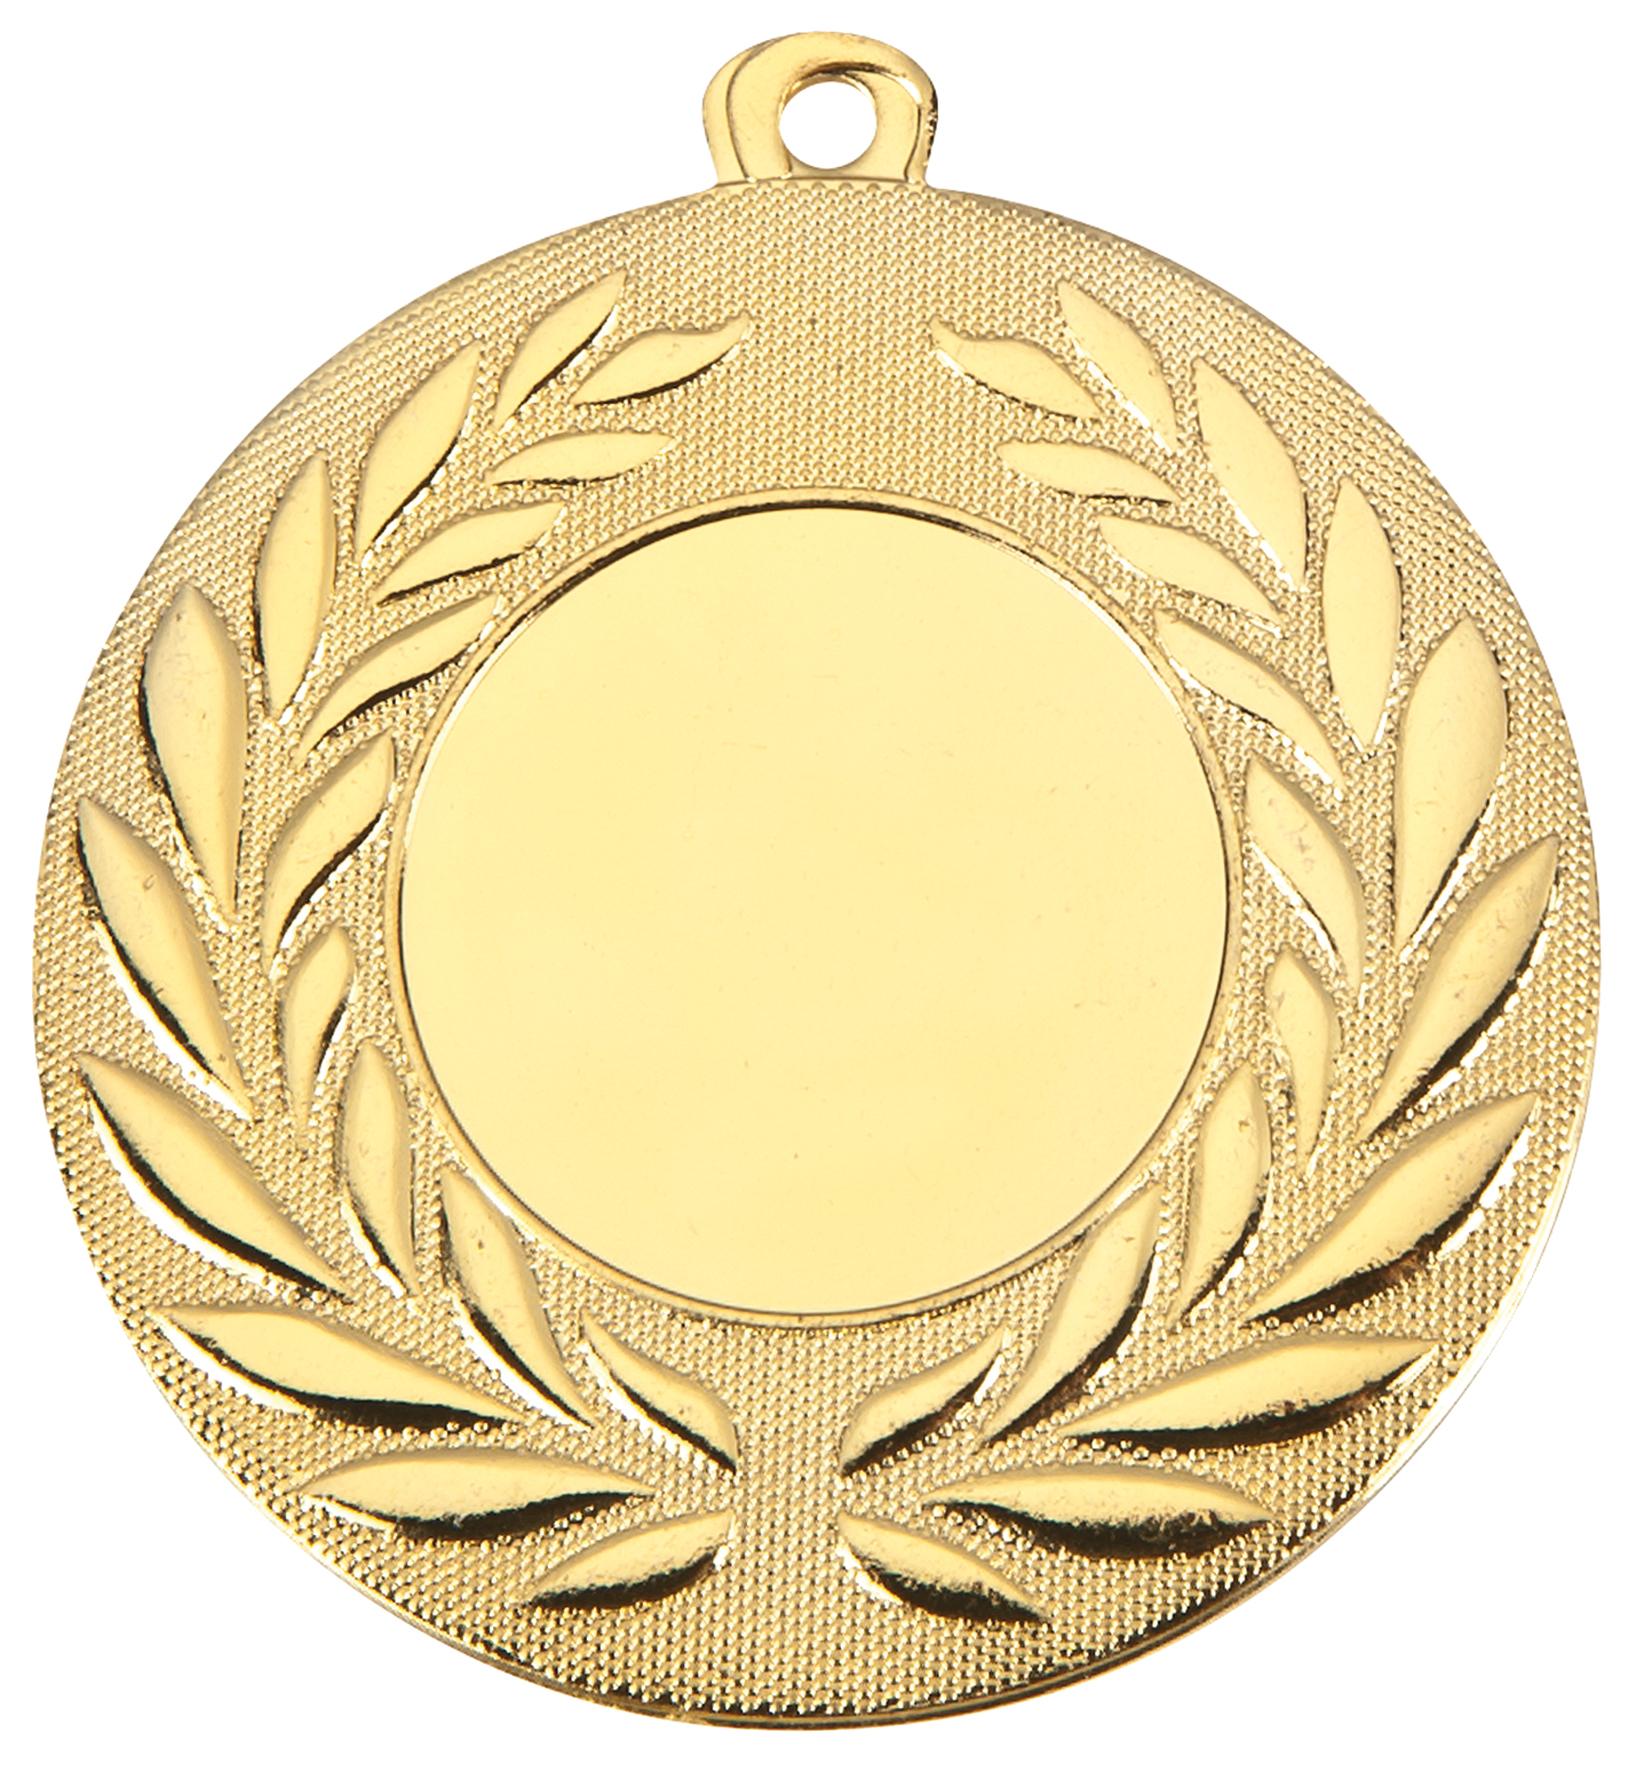 Medaille BM023